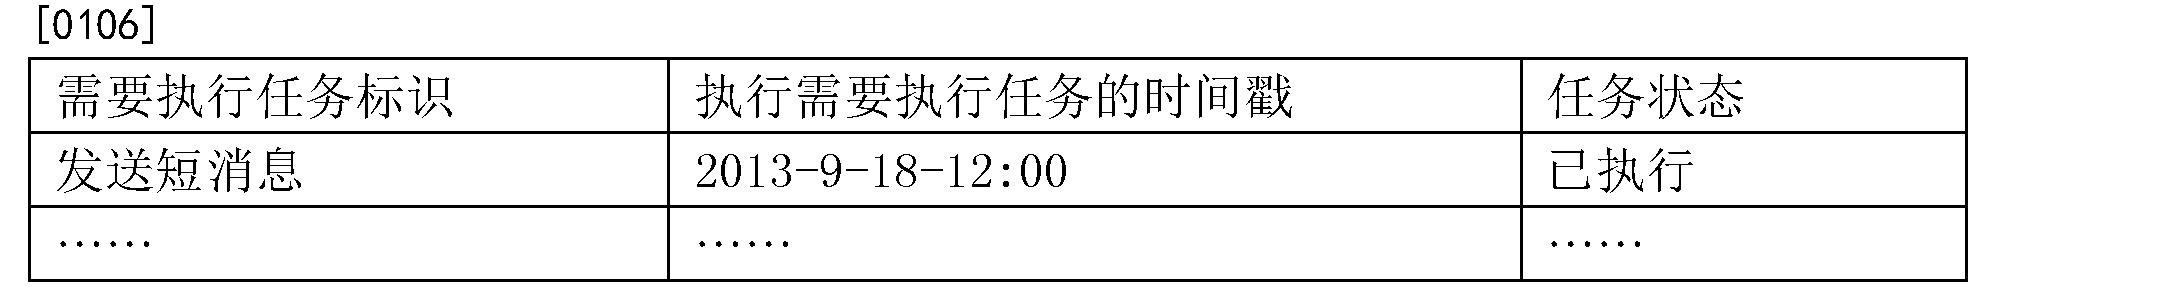 Figure CN104468174BD00101